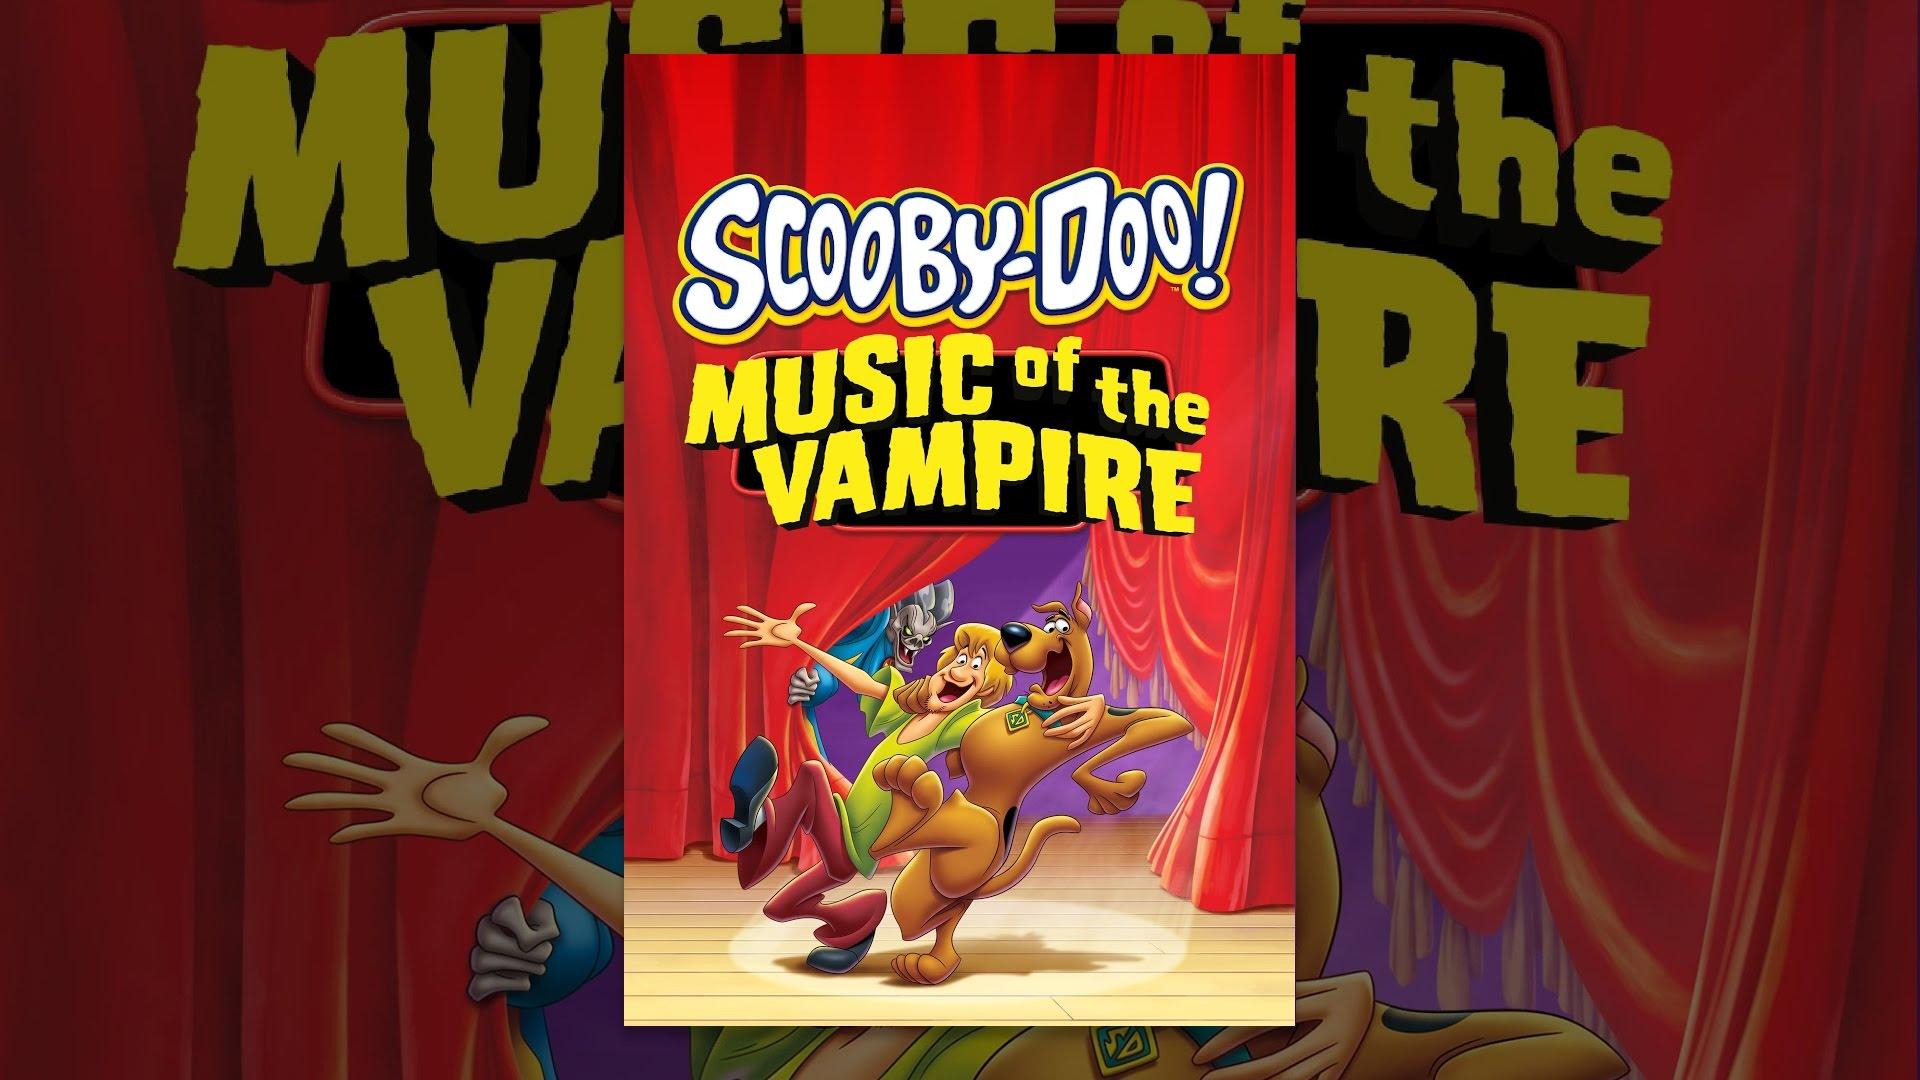 Scooby Doo Song